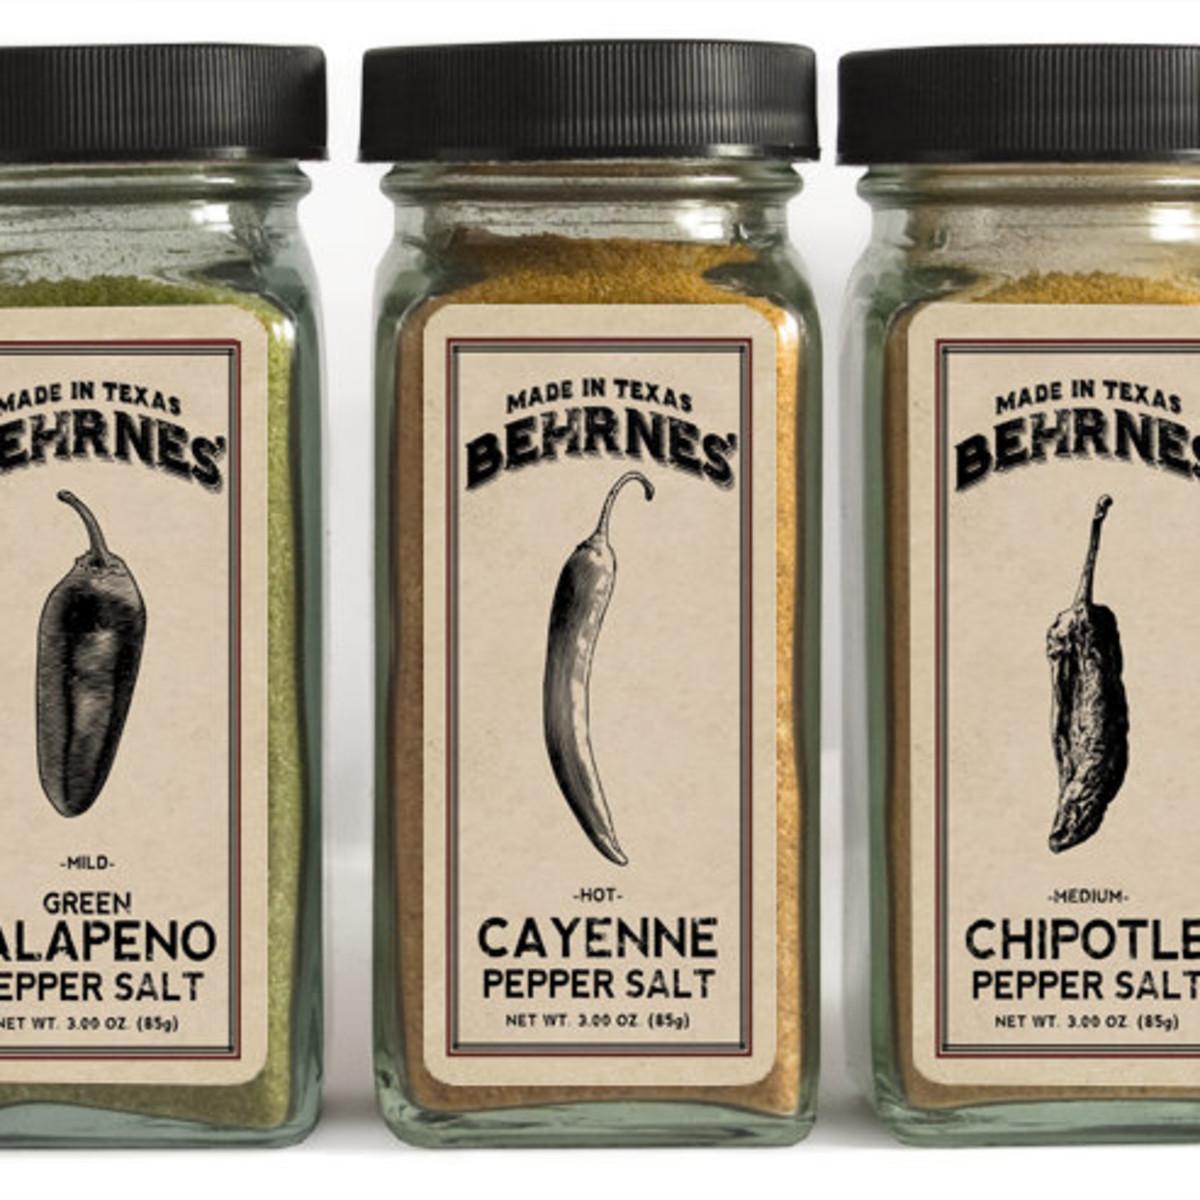 Behrnes' pepper salts